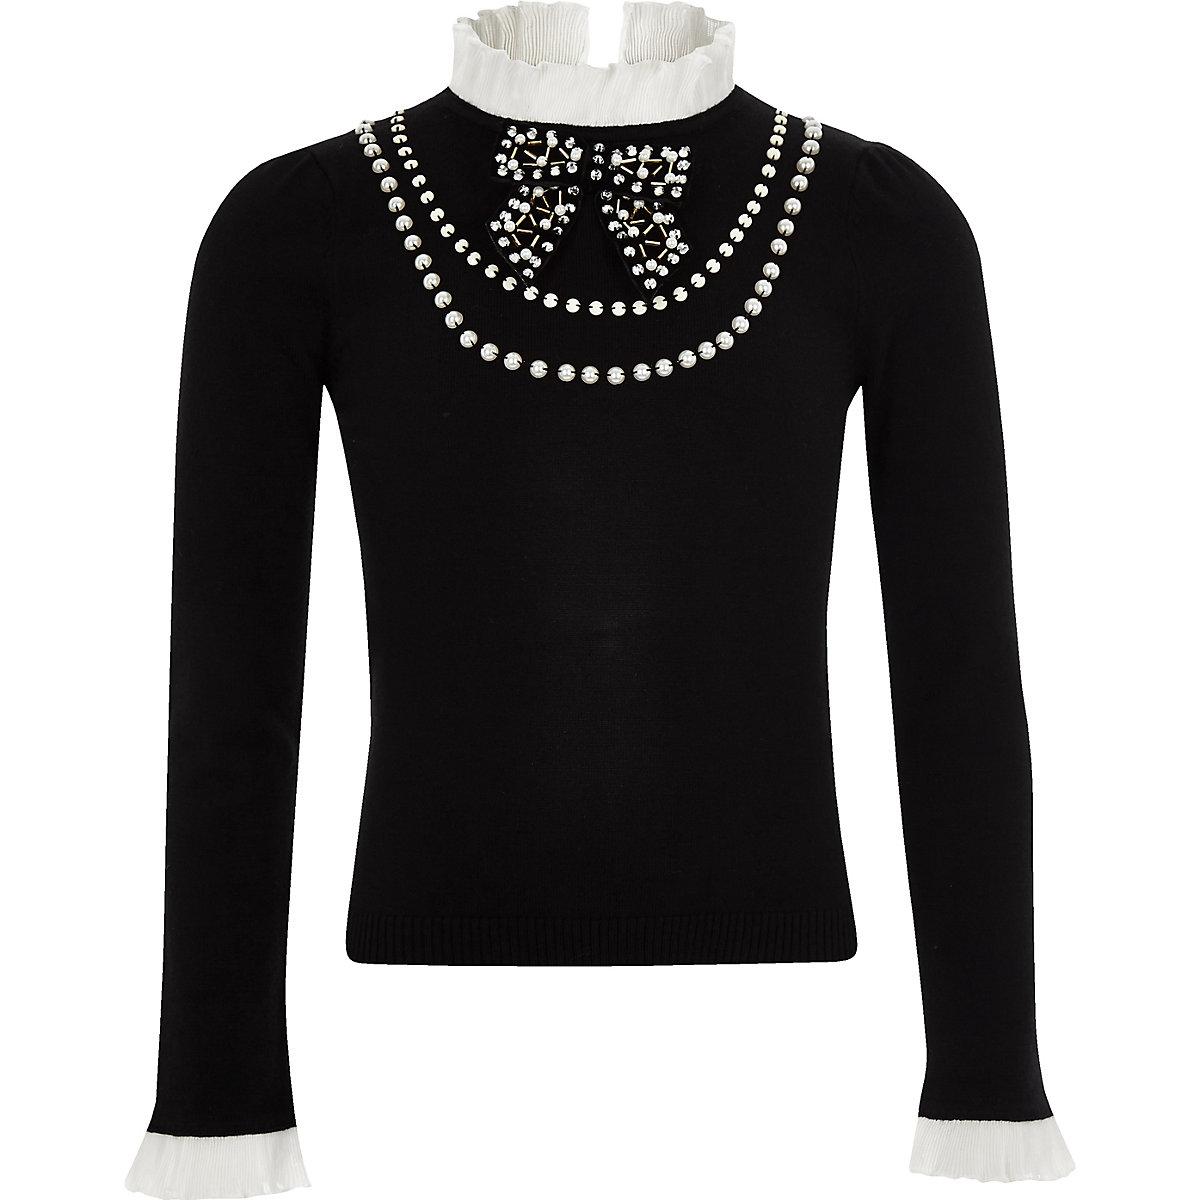 Girls black frill pearl embellished jumper